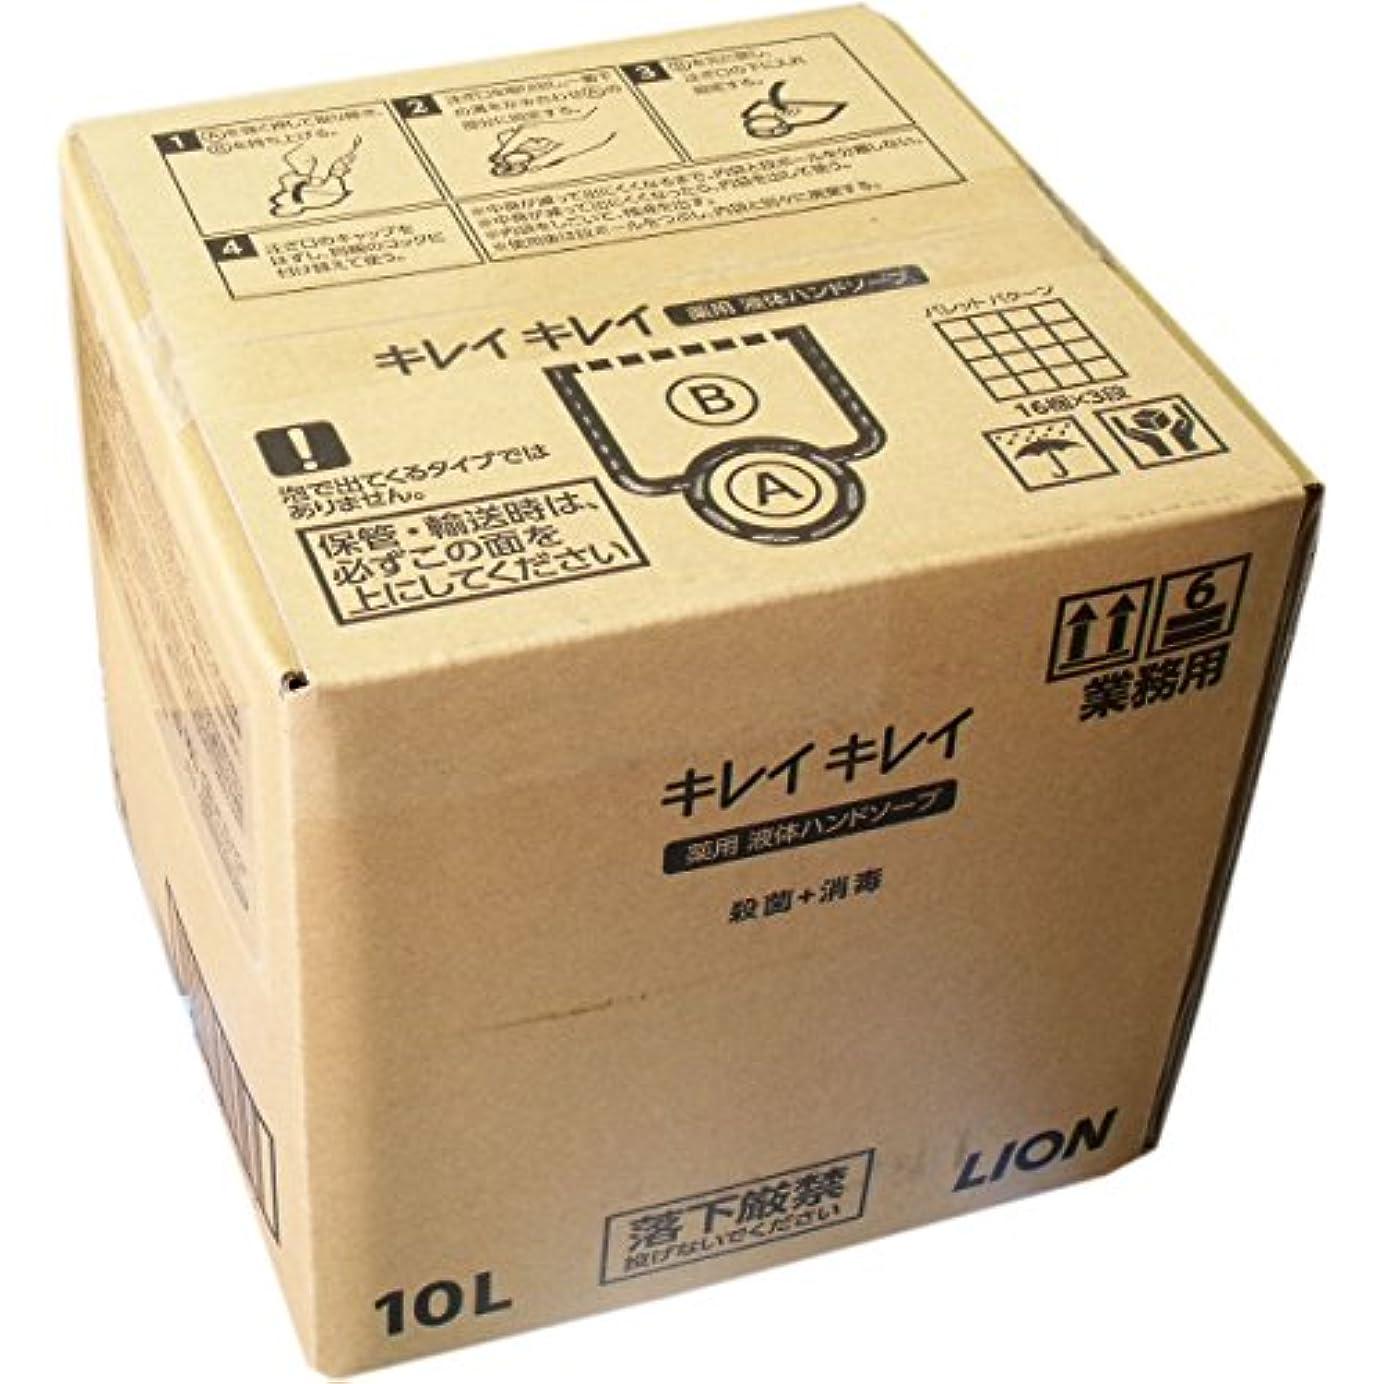 打撃調停するフォーマットライオン 業務用キレイキレイ 薬用ハンドソープ 10L